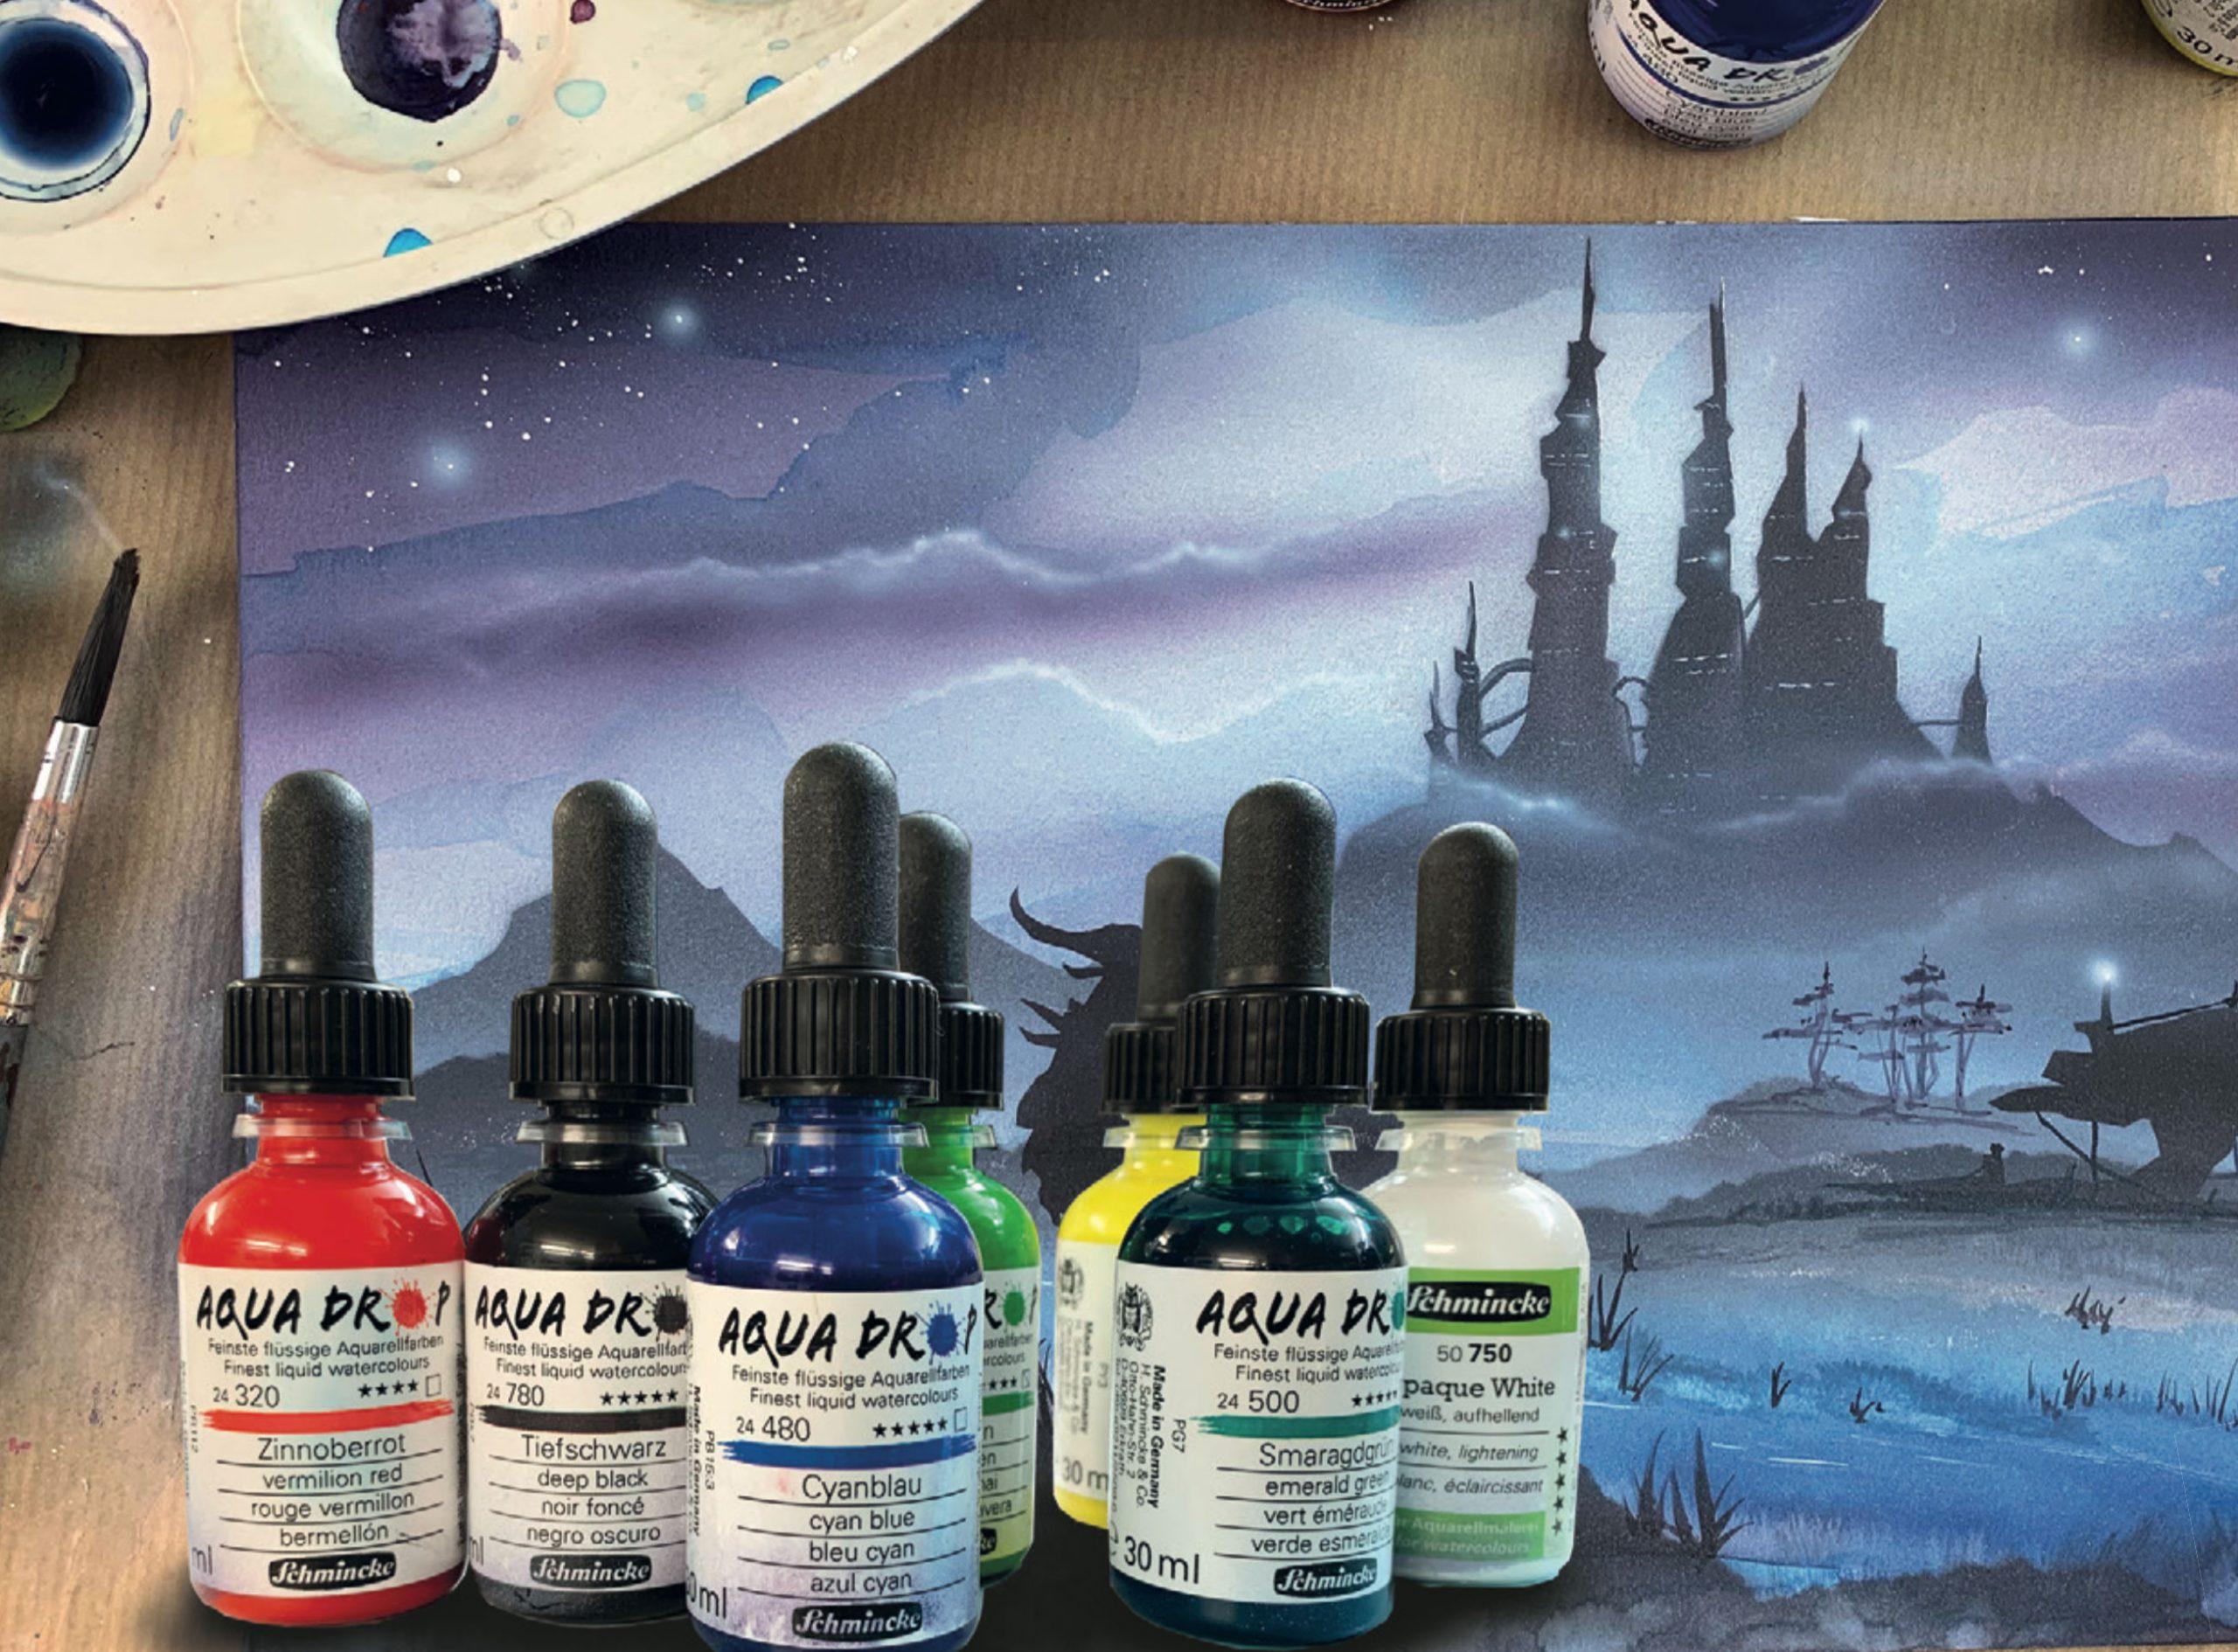 Schmincke Aqua Drop: Flüssige Aquarellfarben für hochwertige Airbrush-Illustrationen